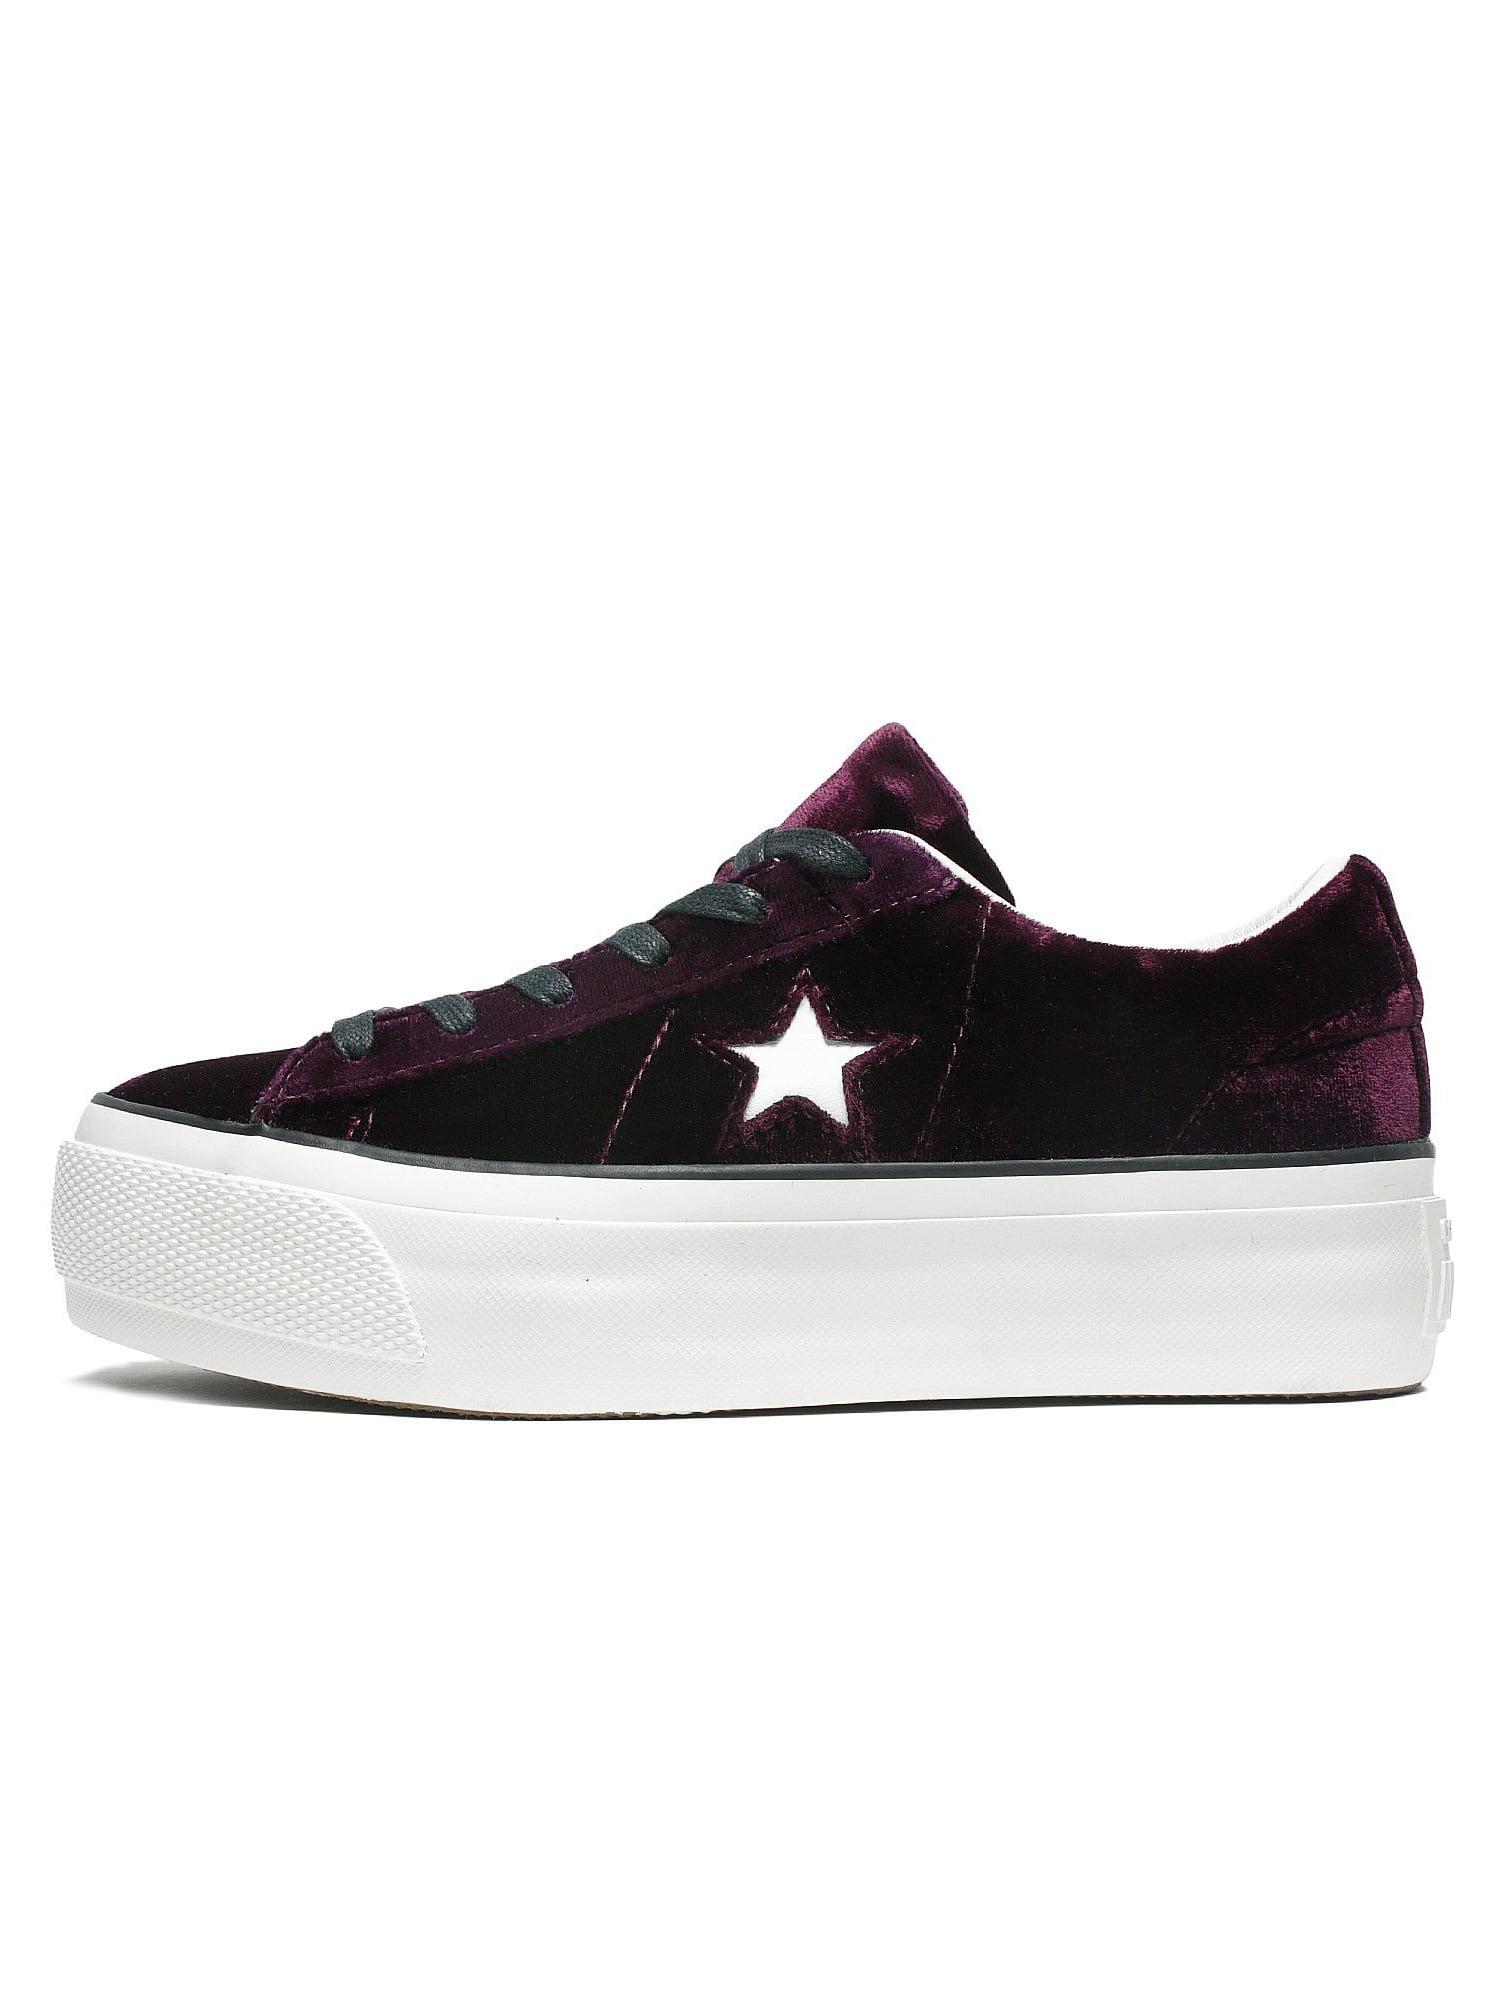 Womens Converse One Star Platform Ox Dark Sangria Egret 558951C